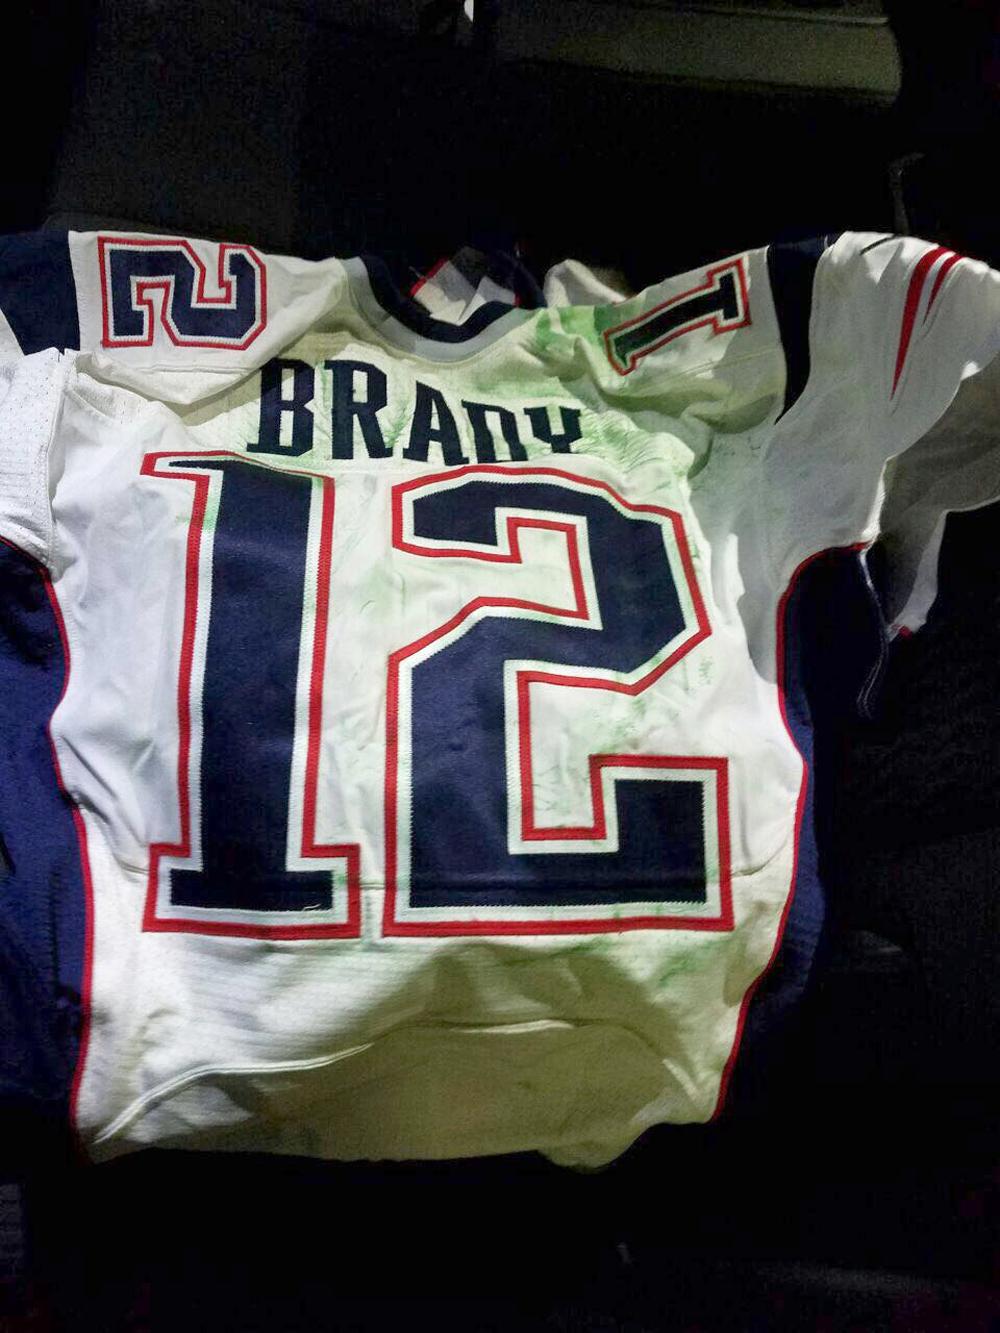 Mauricio Ortega devolvió el jersey que Tom Brady usó en el Super Bowl XLI